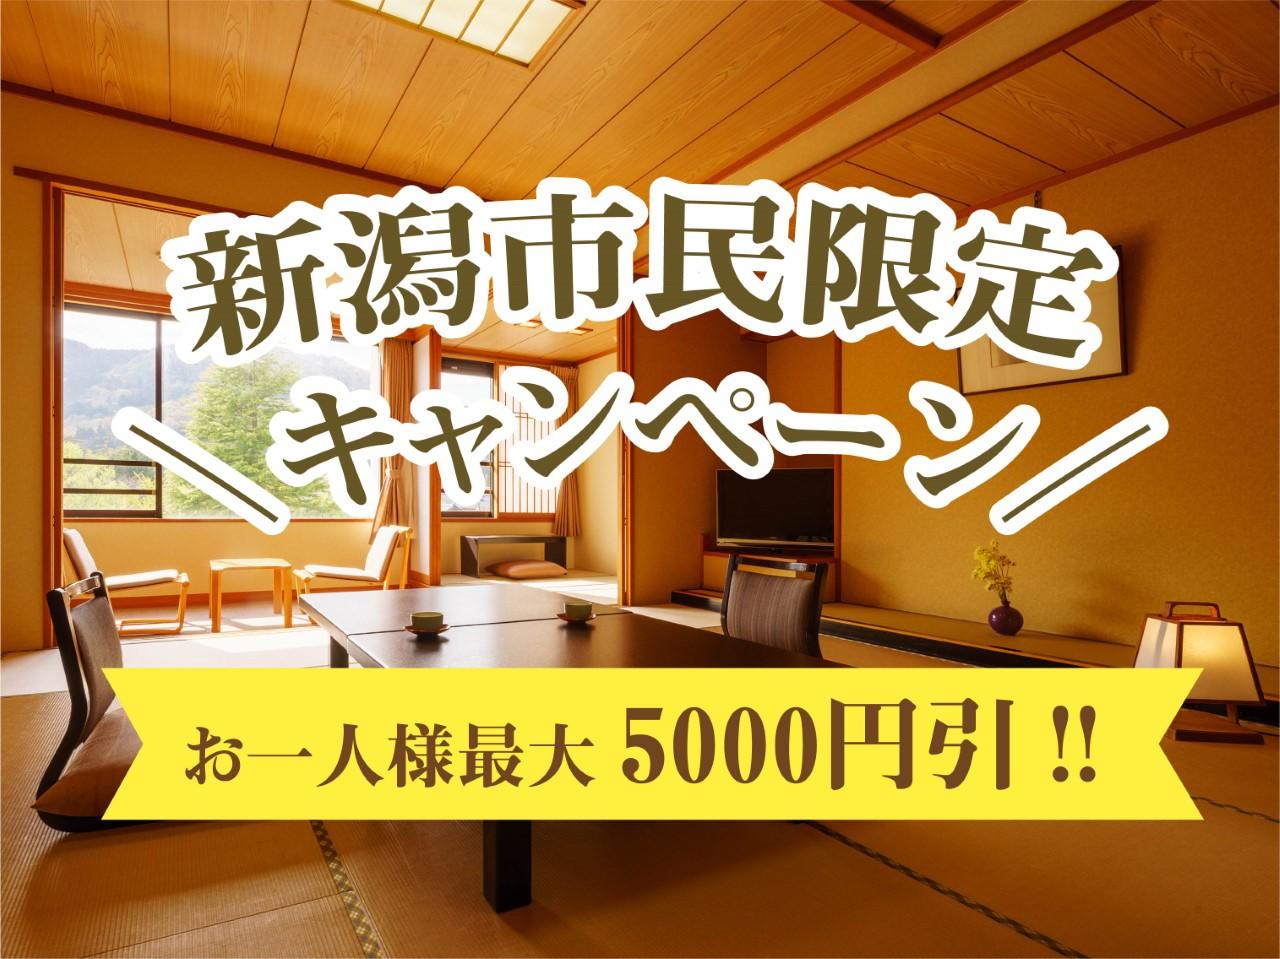 新潟市民限定キャンペーン お一人様最大5000円割引!!